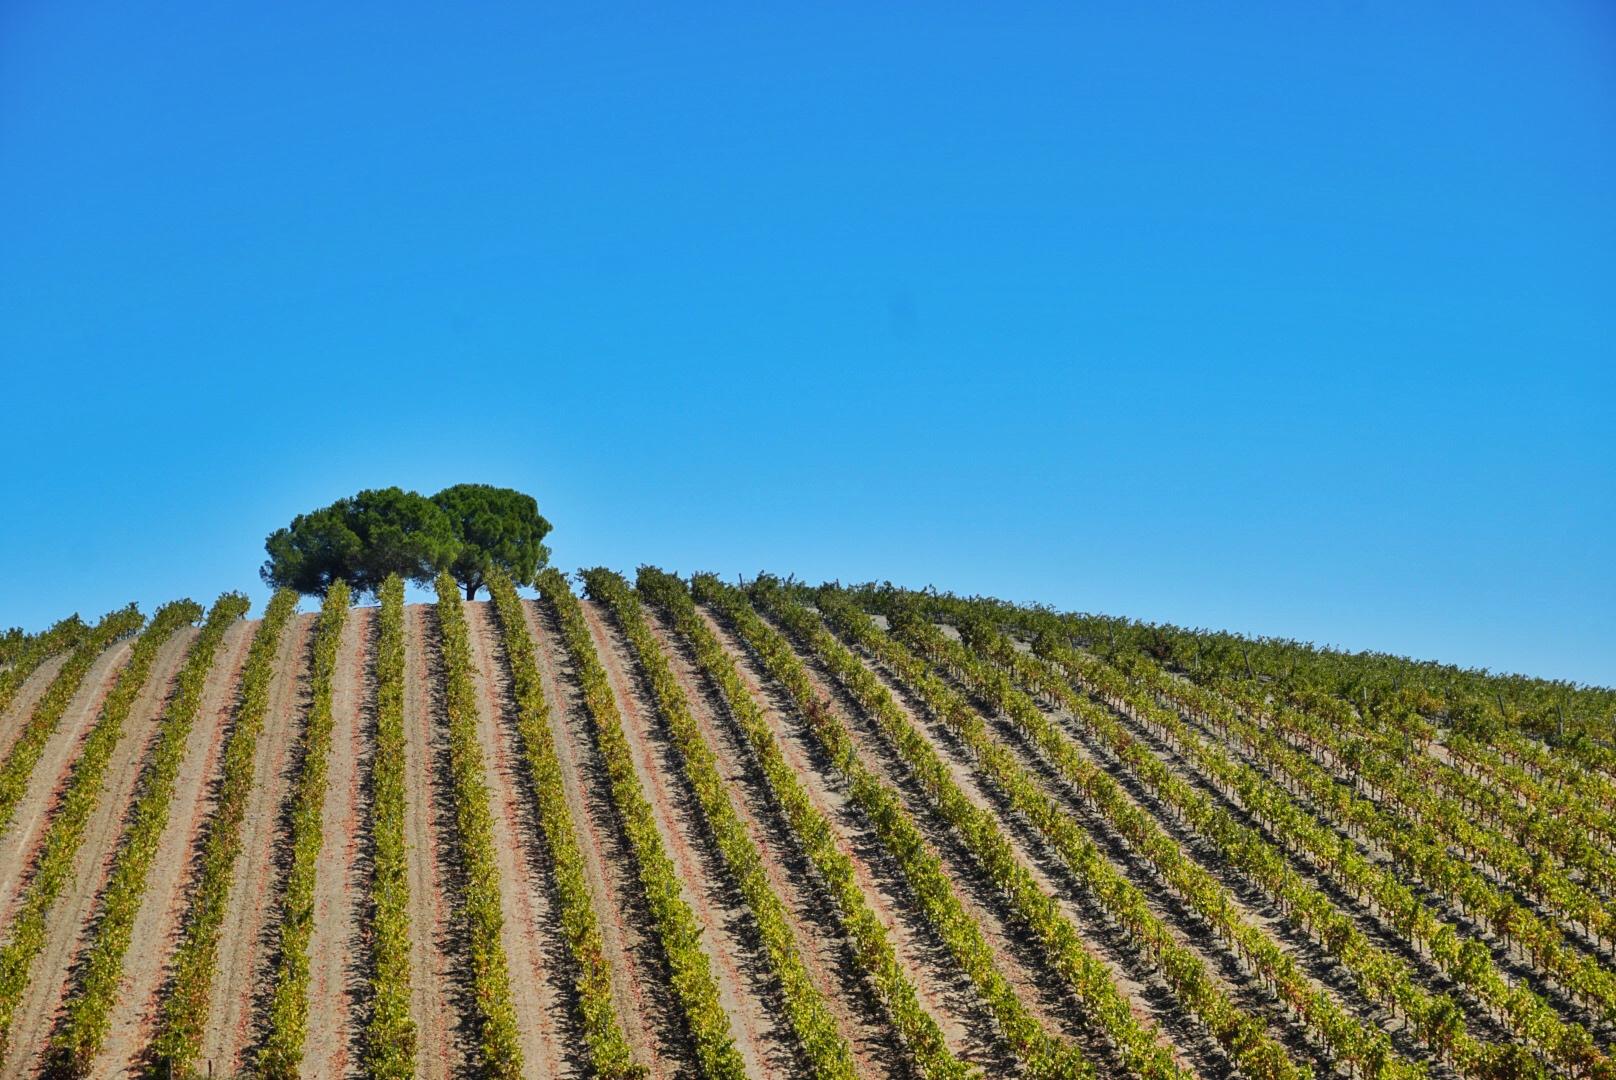 Wijngaarden in Alentejo - Portugal - blauwe lucht